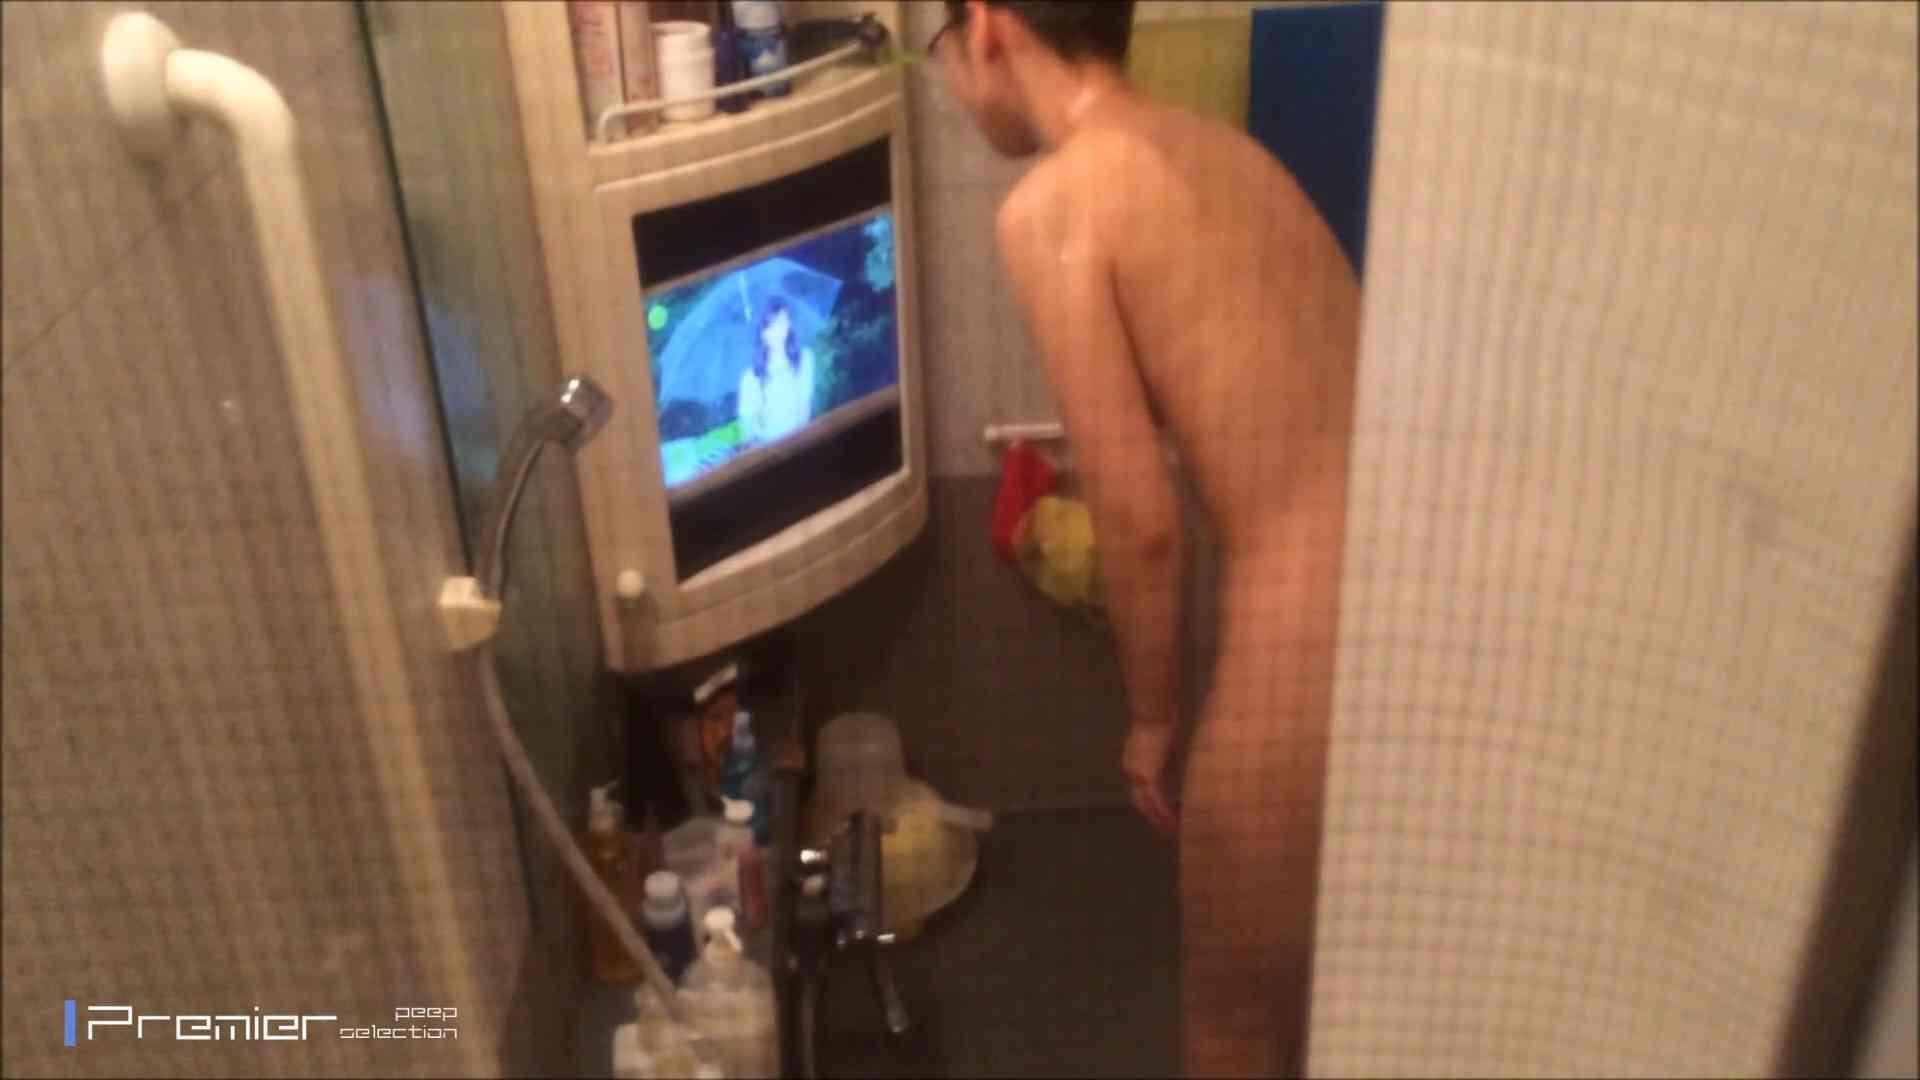 美女のテレビを見ながらの入浴 乙女の風呂場 Vol.21 OLの実態 盗撮戯れ無修正画像 30pic 8